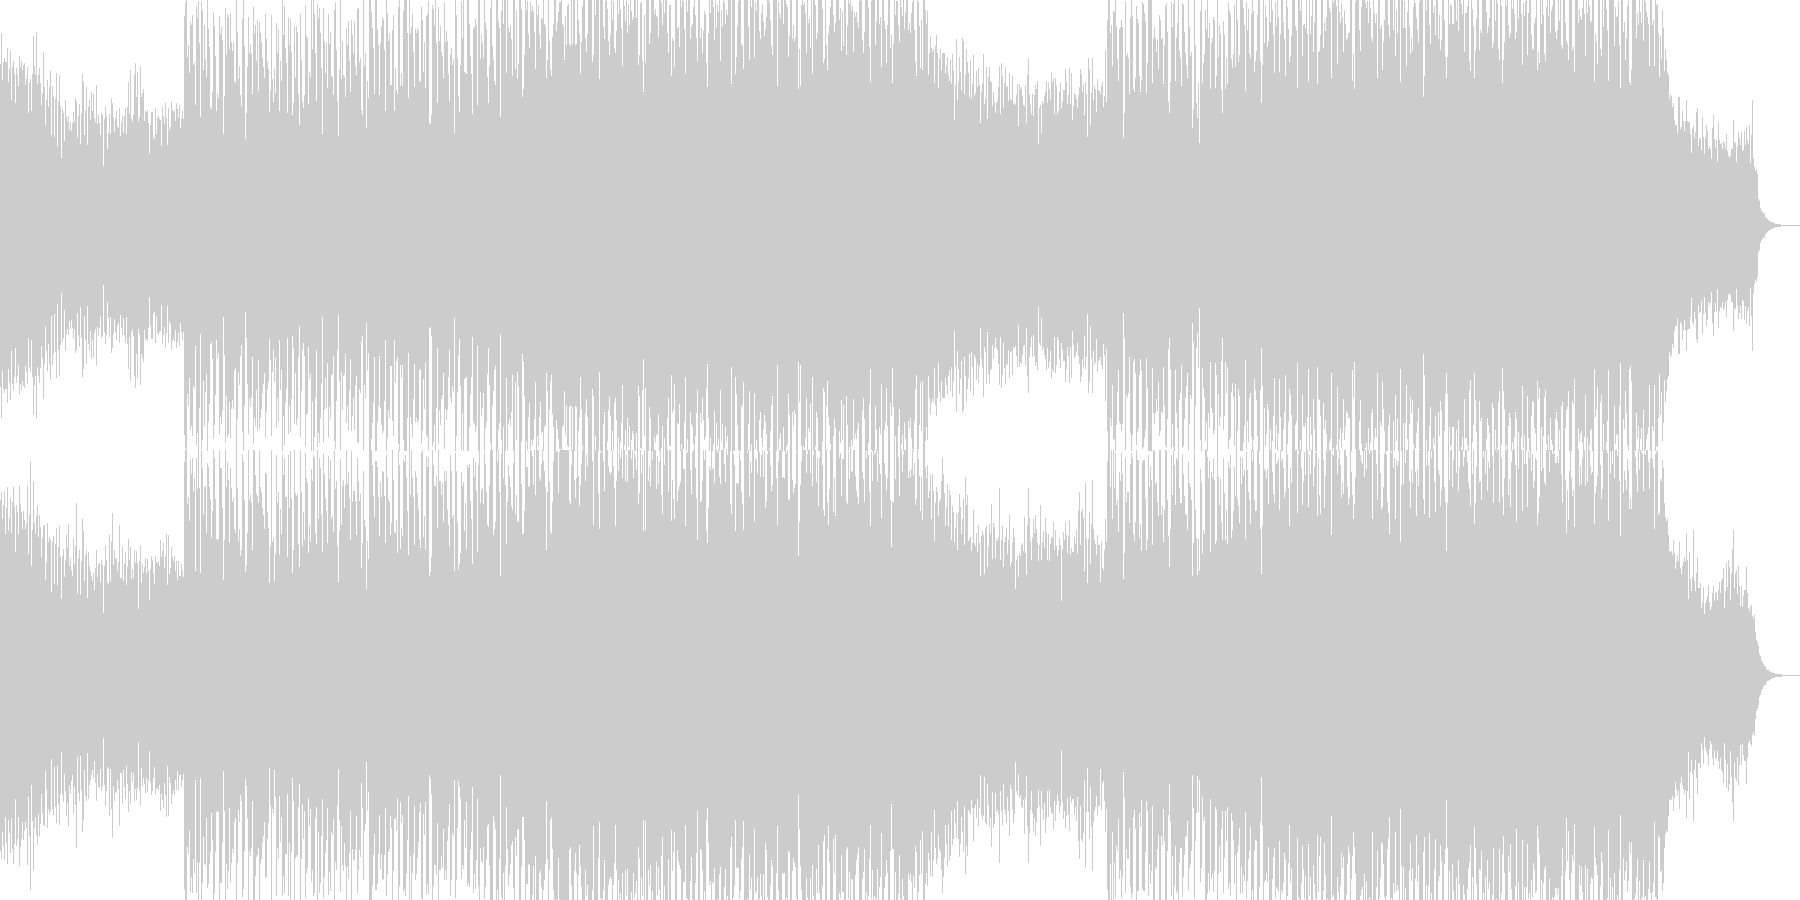 EDMクラブ系ダンスミュージック-81の未再生の波形